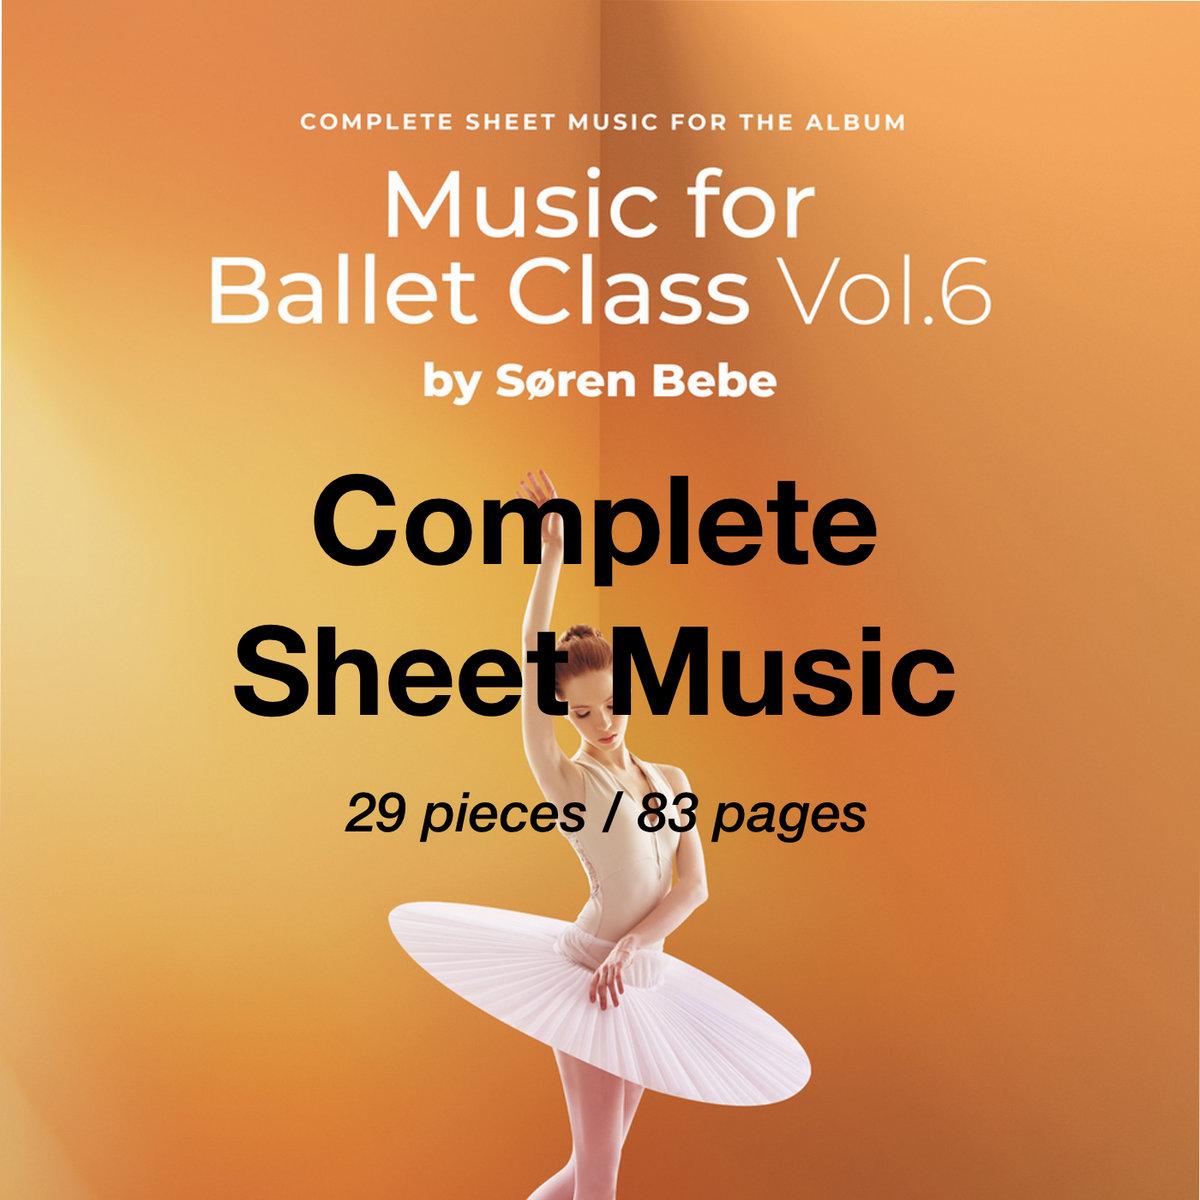 Complete Sheet Music For Music For Ballet Class Vol 6 Søren Bebe